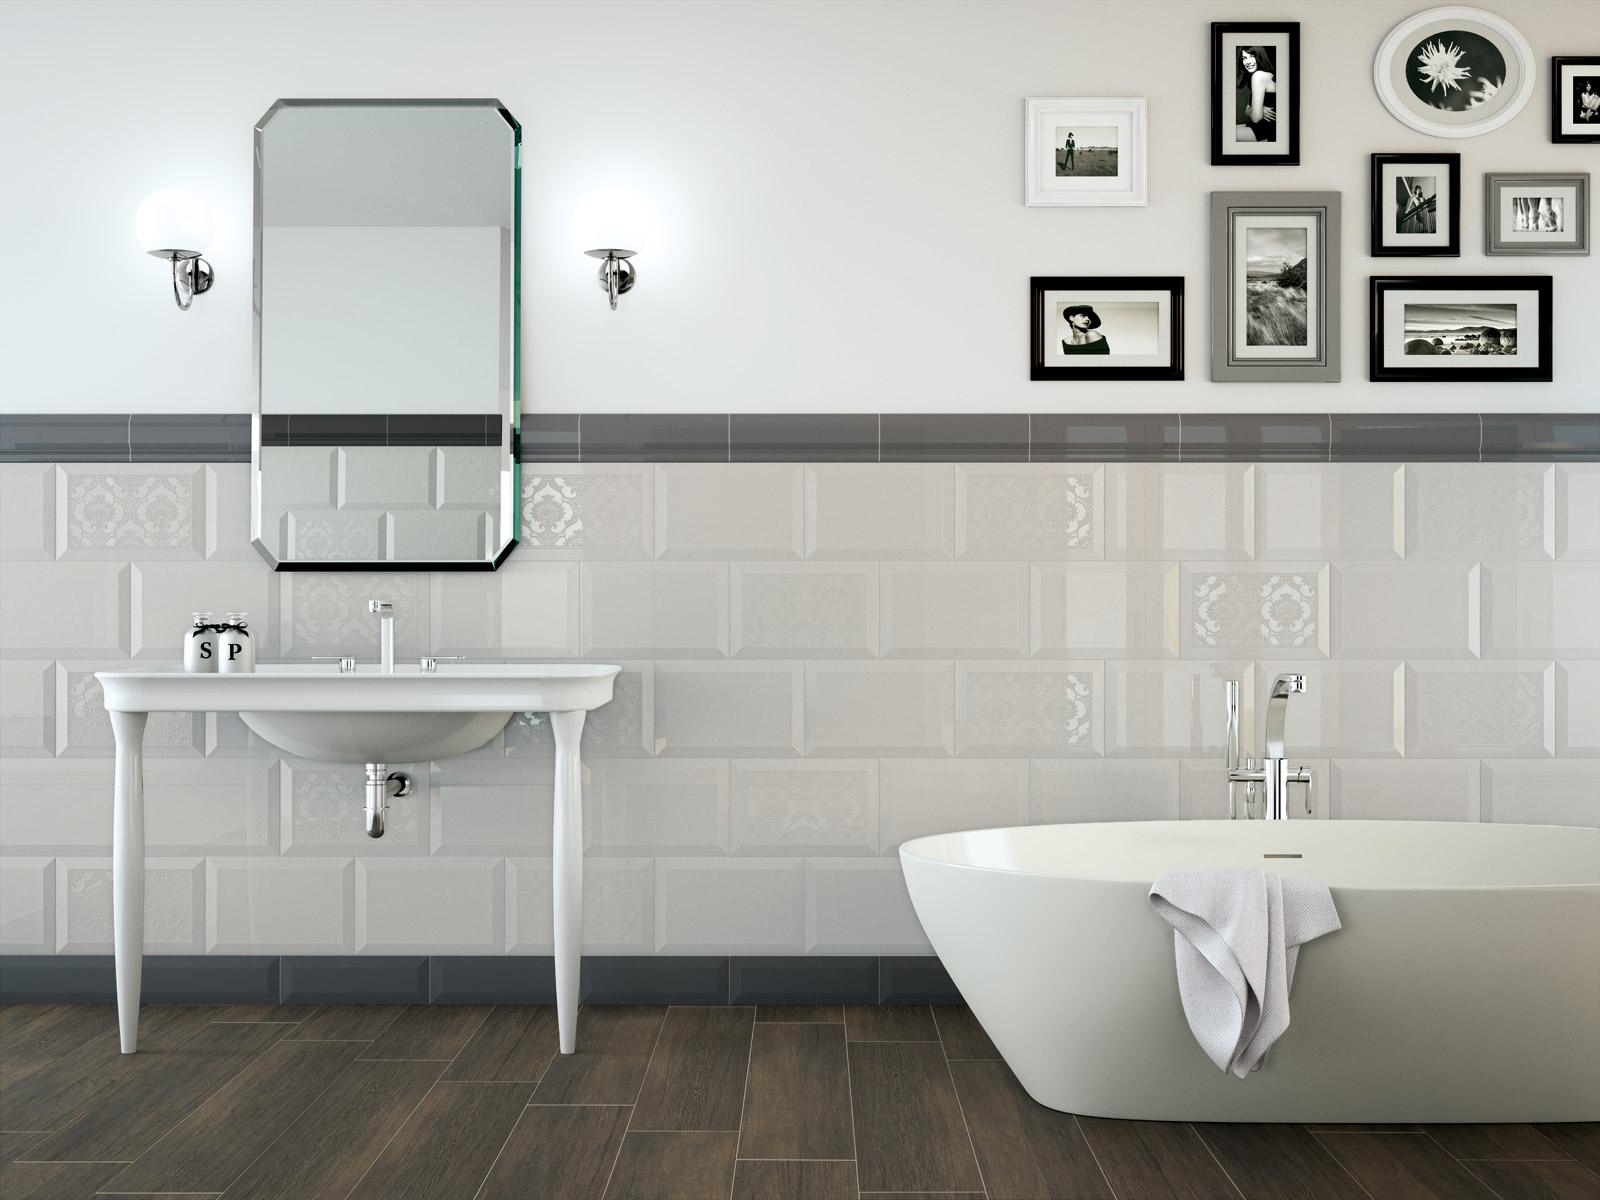 4bildcasa le soluzioni per il bagno firmate marazzi - Soluzioni per il bagno ...